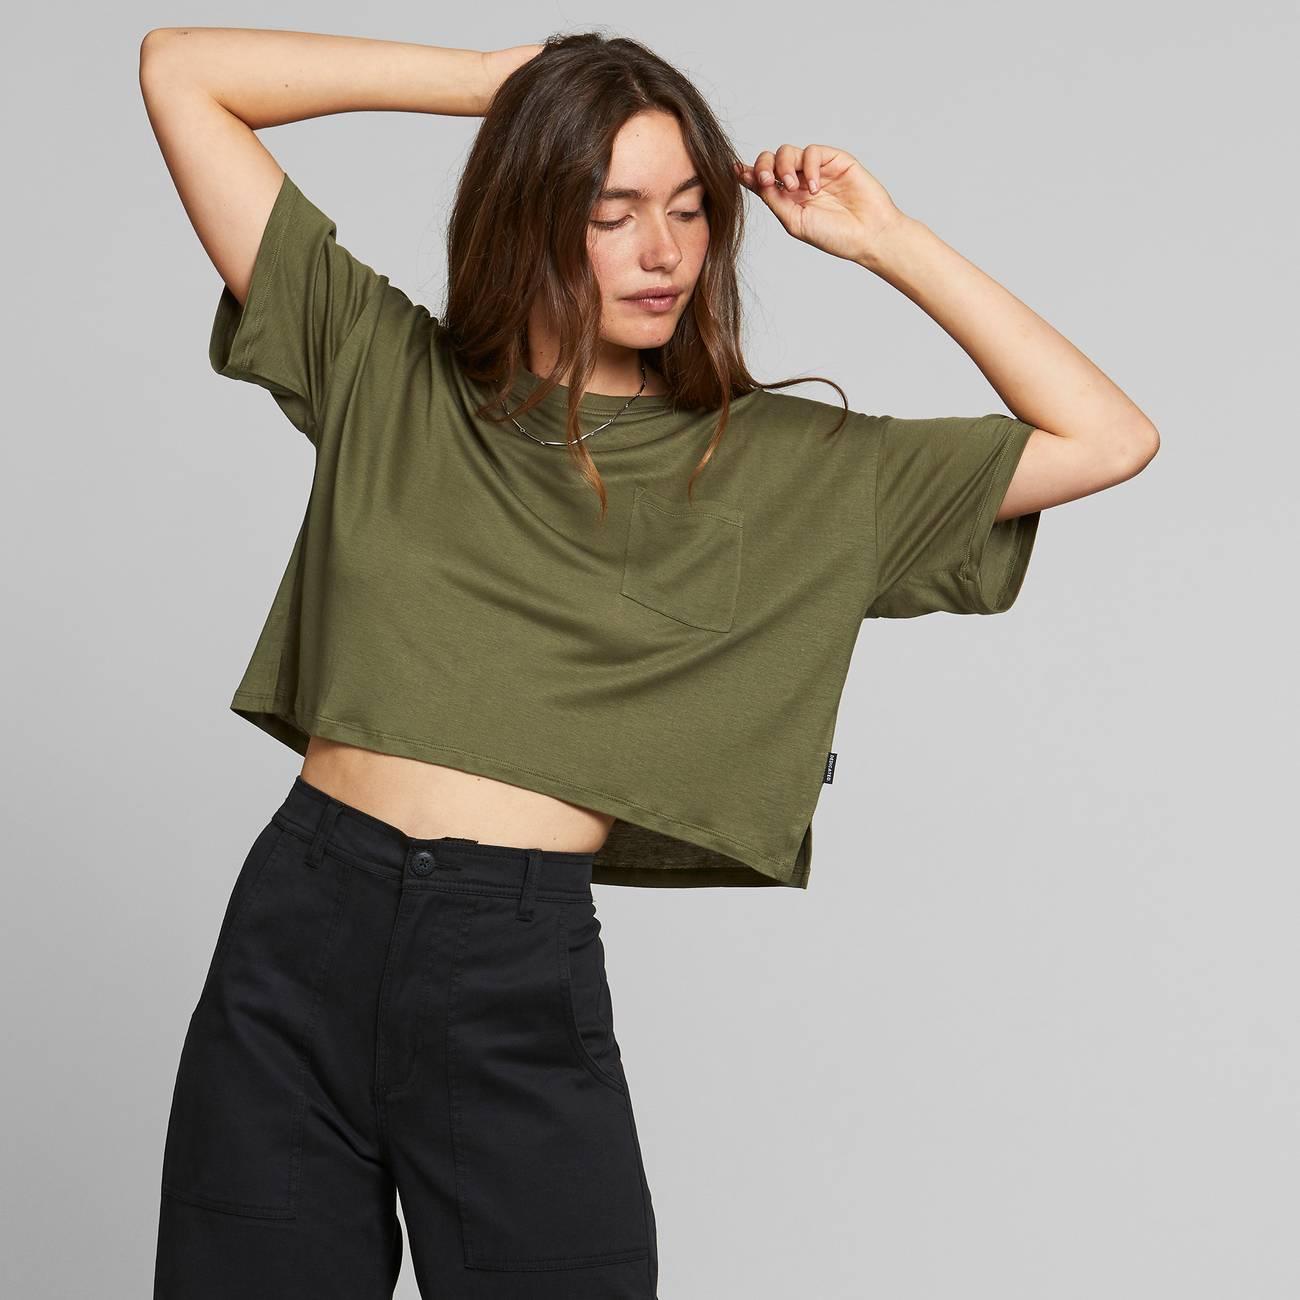 DEDICATED-KIVIK-TOP-T-shirt-leaf-green-3